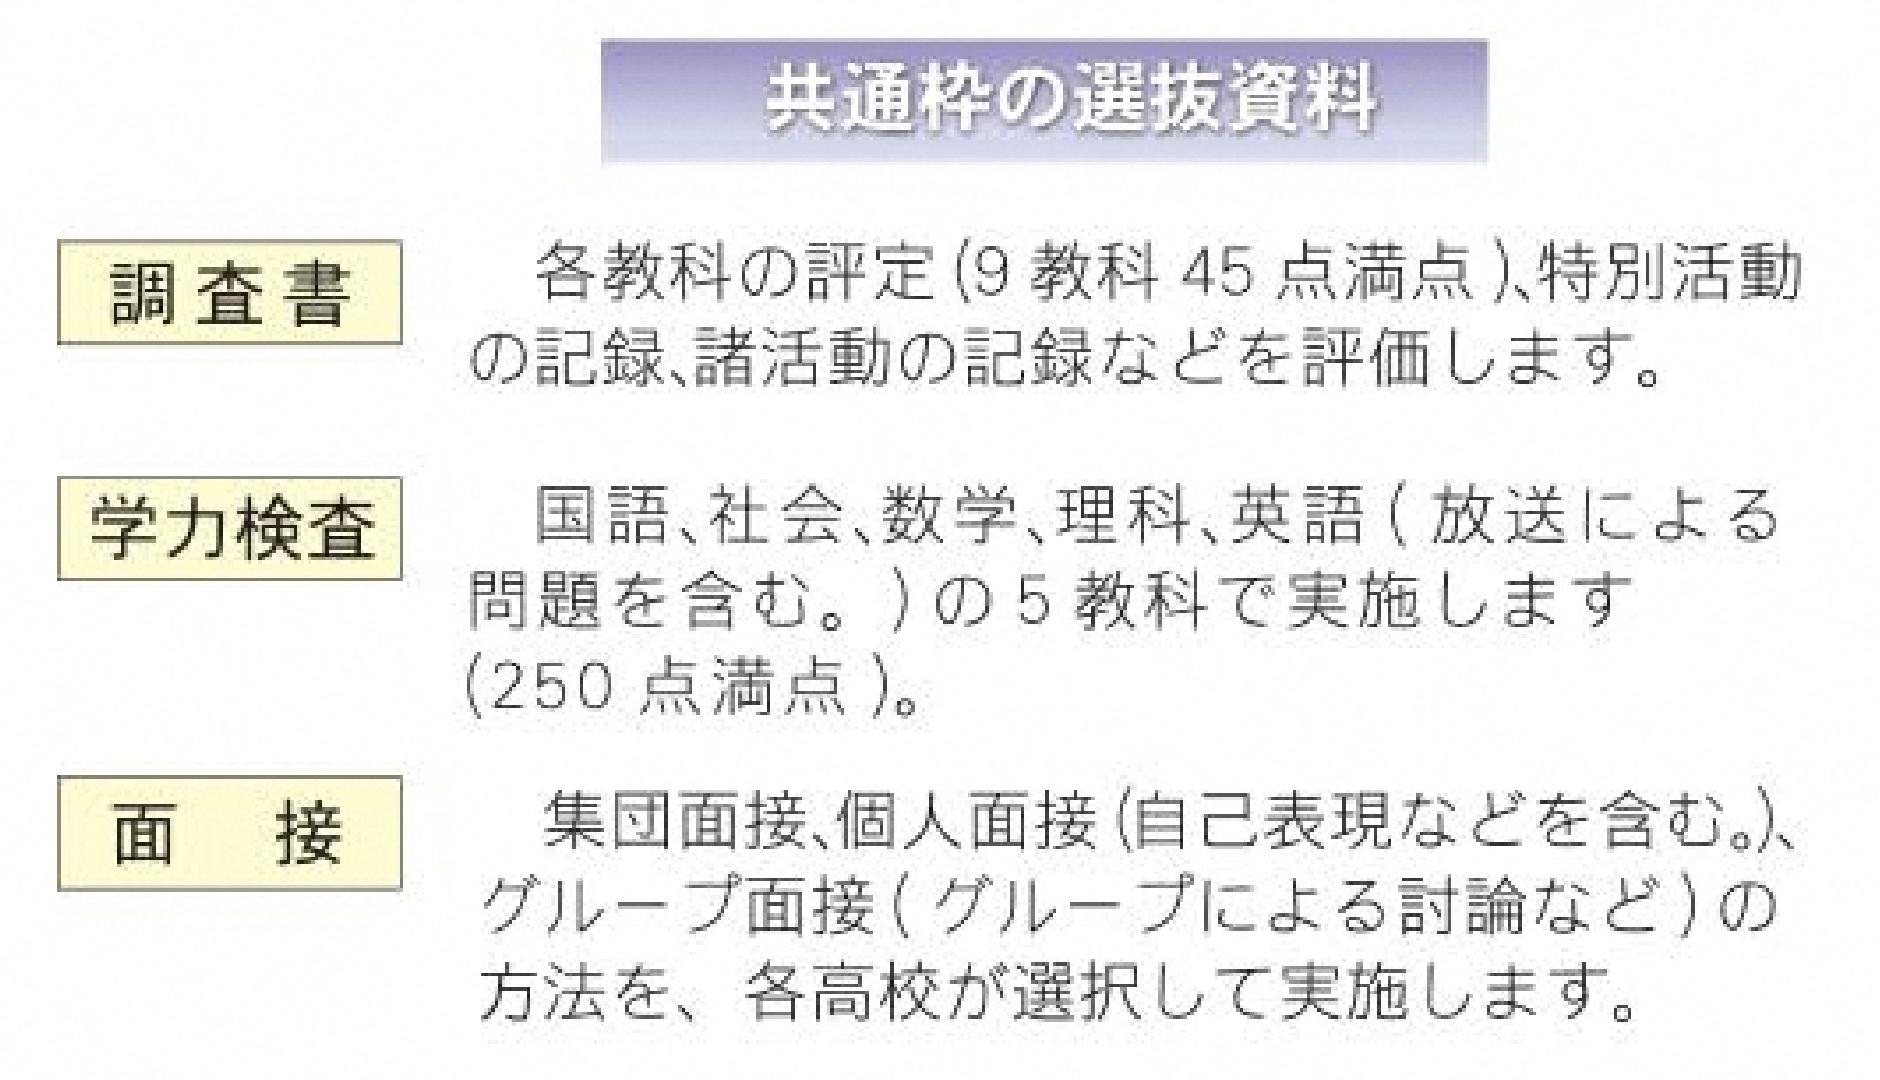 静岡県公立高校入試制度2